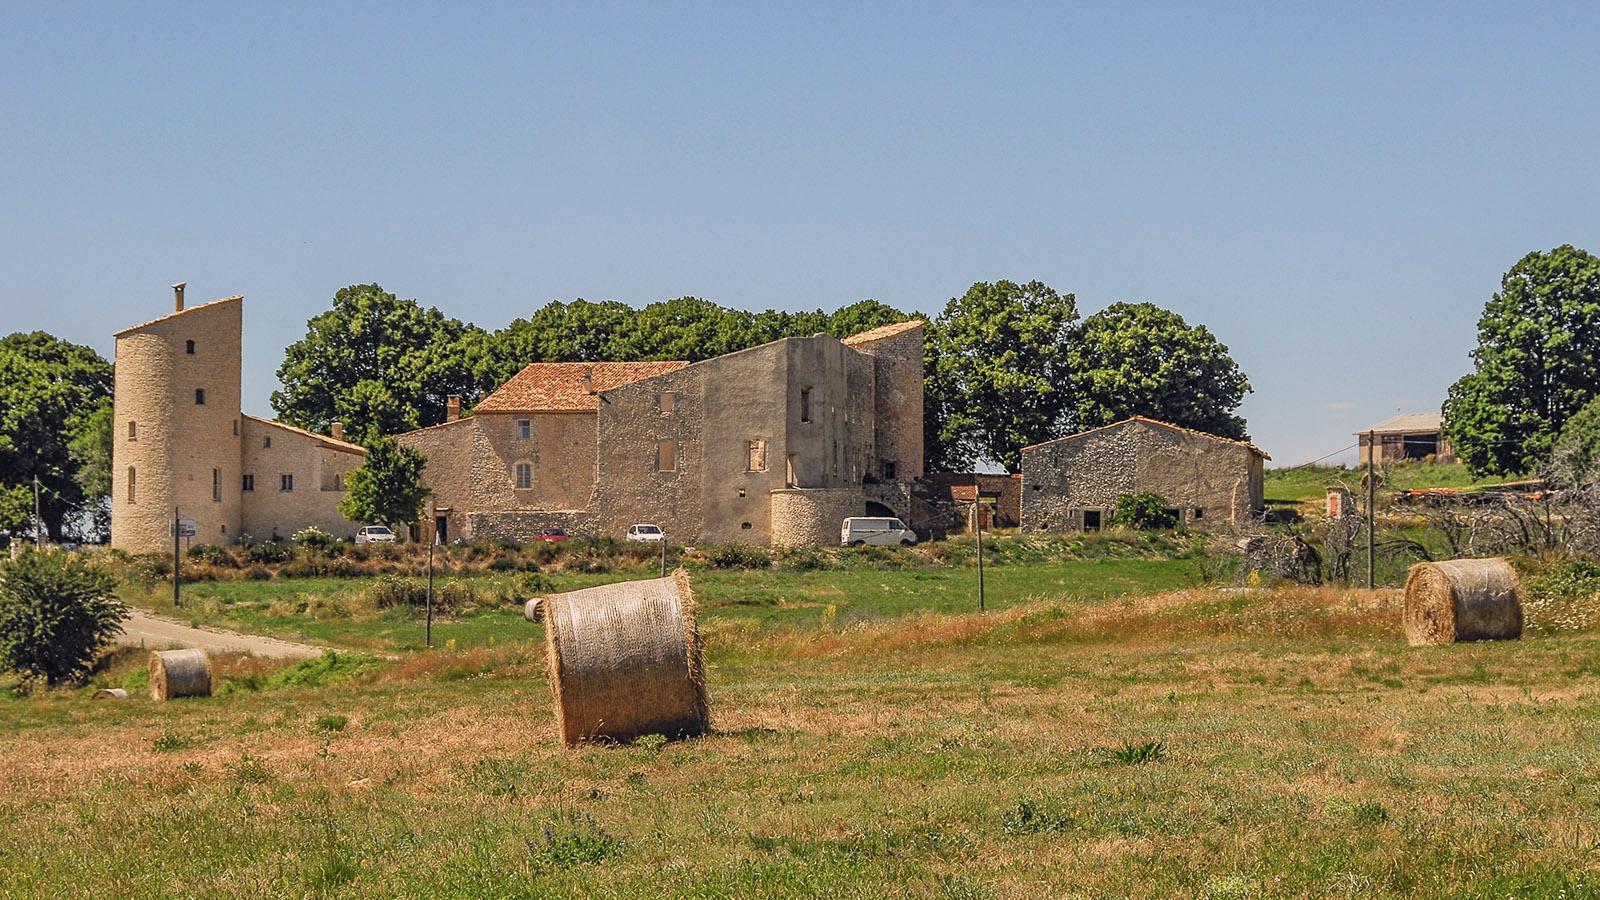 Der Lavendelhof Château de la Gabelle bietet auch Gästezimmer an. Foto: Hilke Maunder